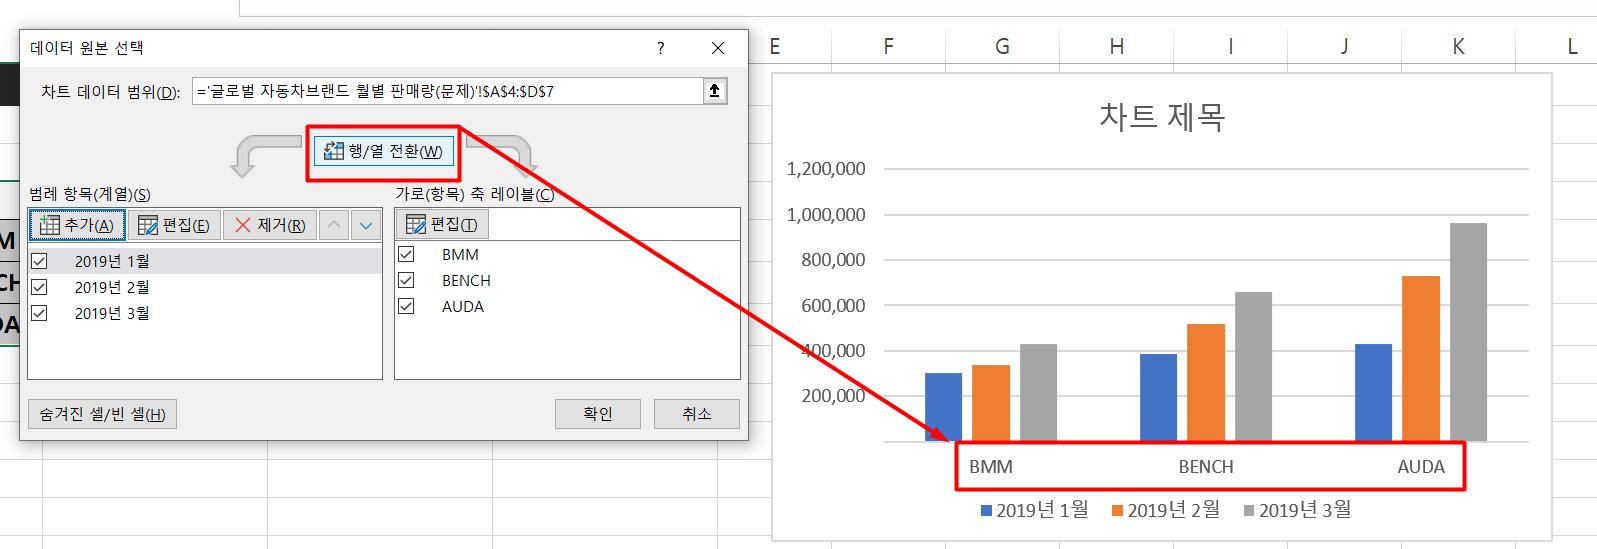 5c 차트 데이터 행열전환